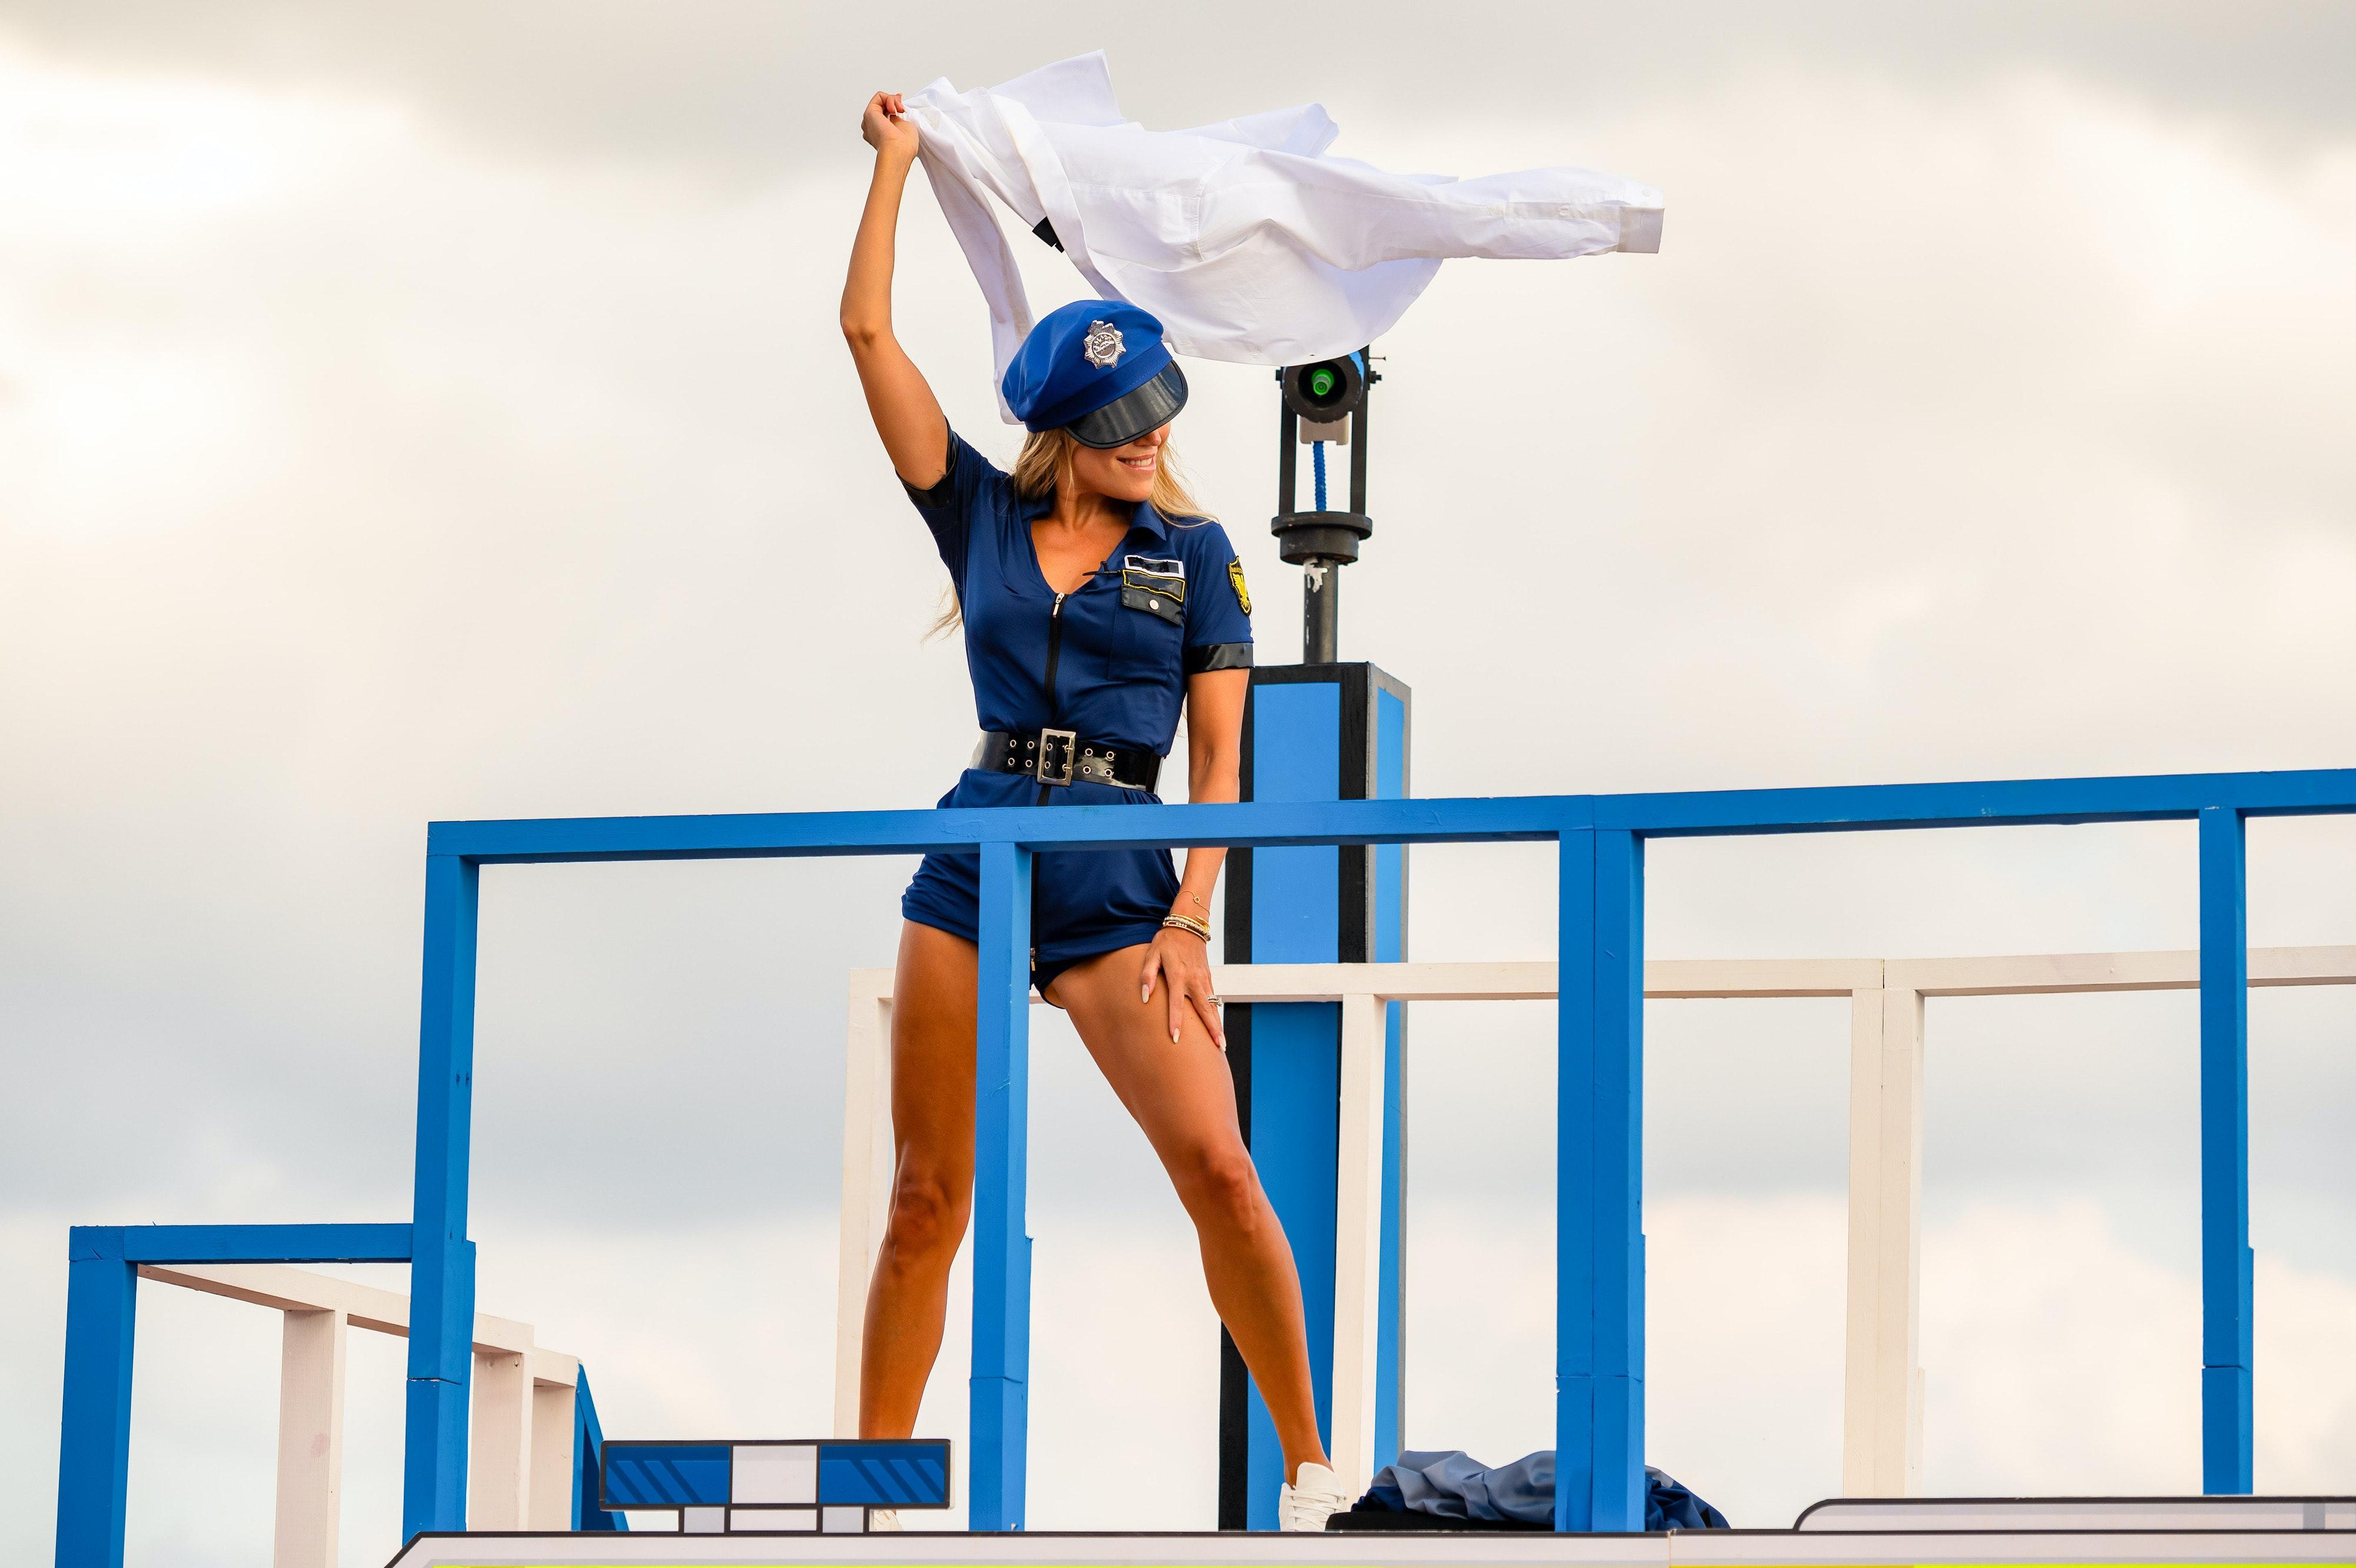 Sylvie Meis: Heißer Striptease bei Love Island in Polizei-Uniform